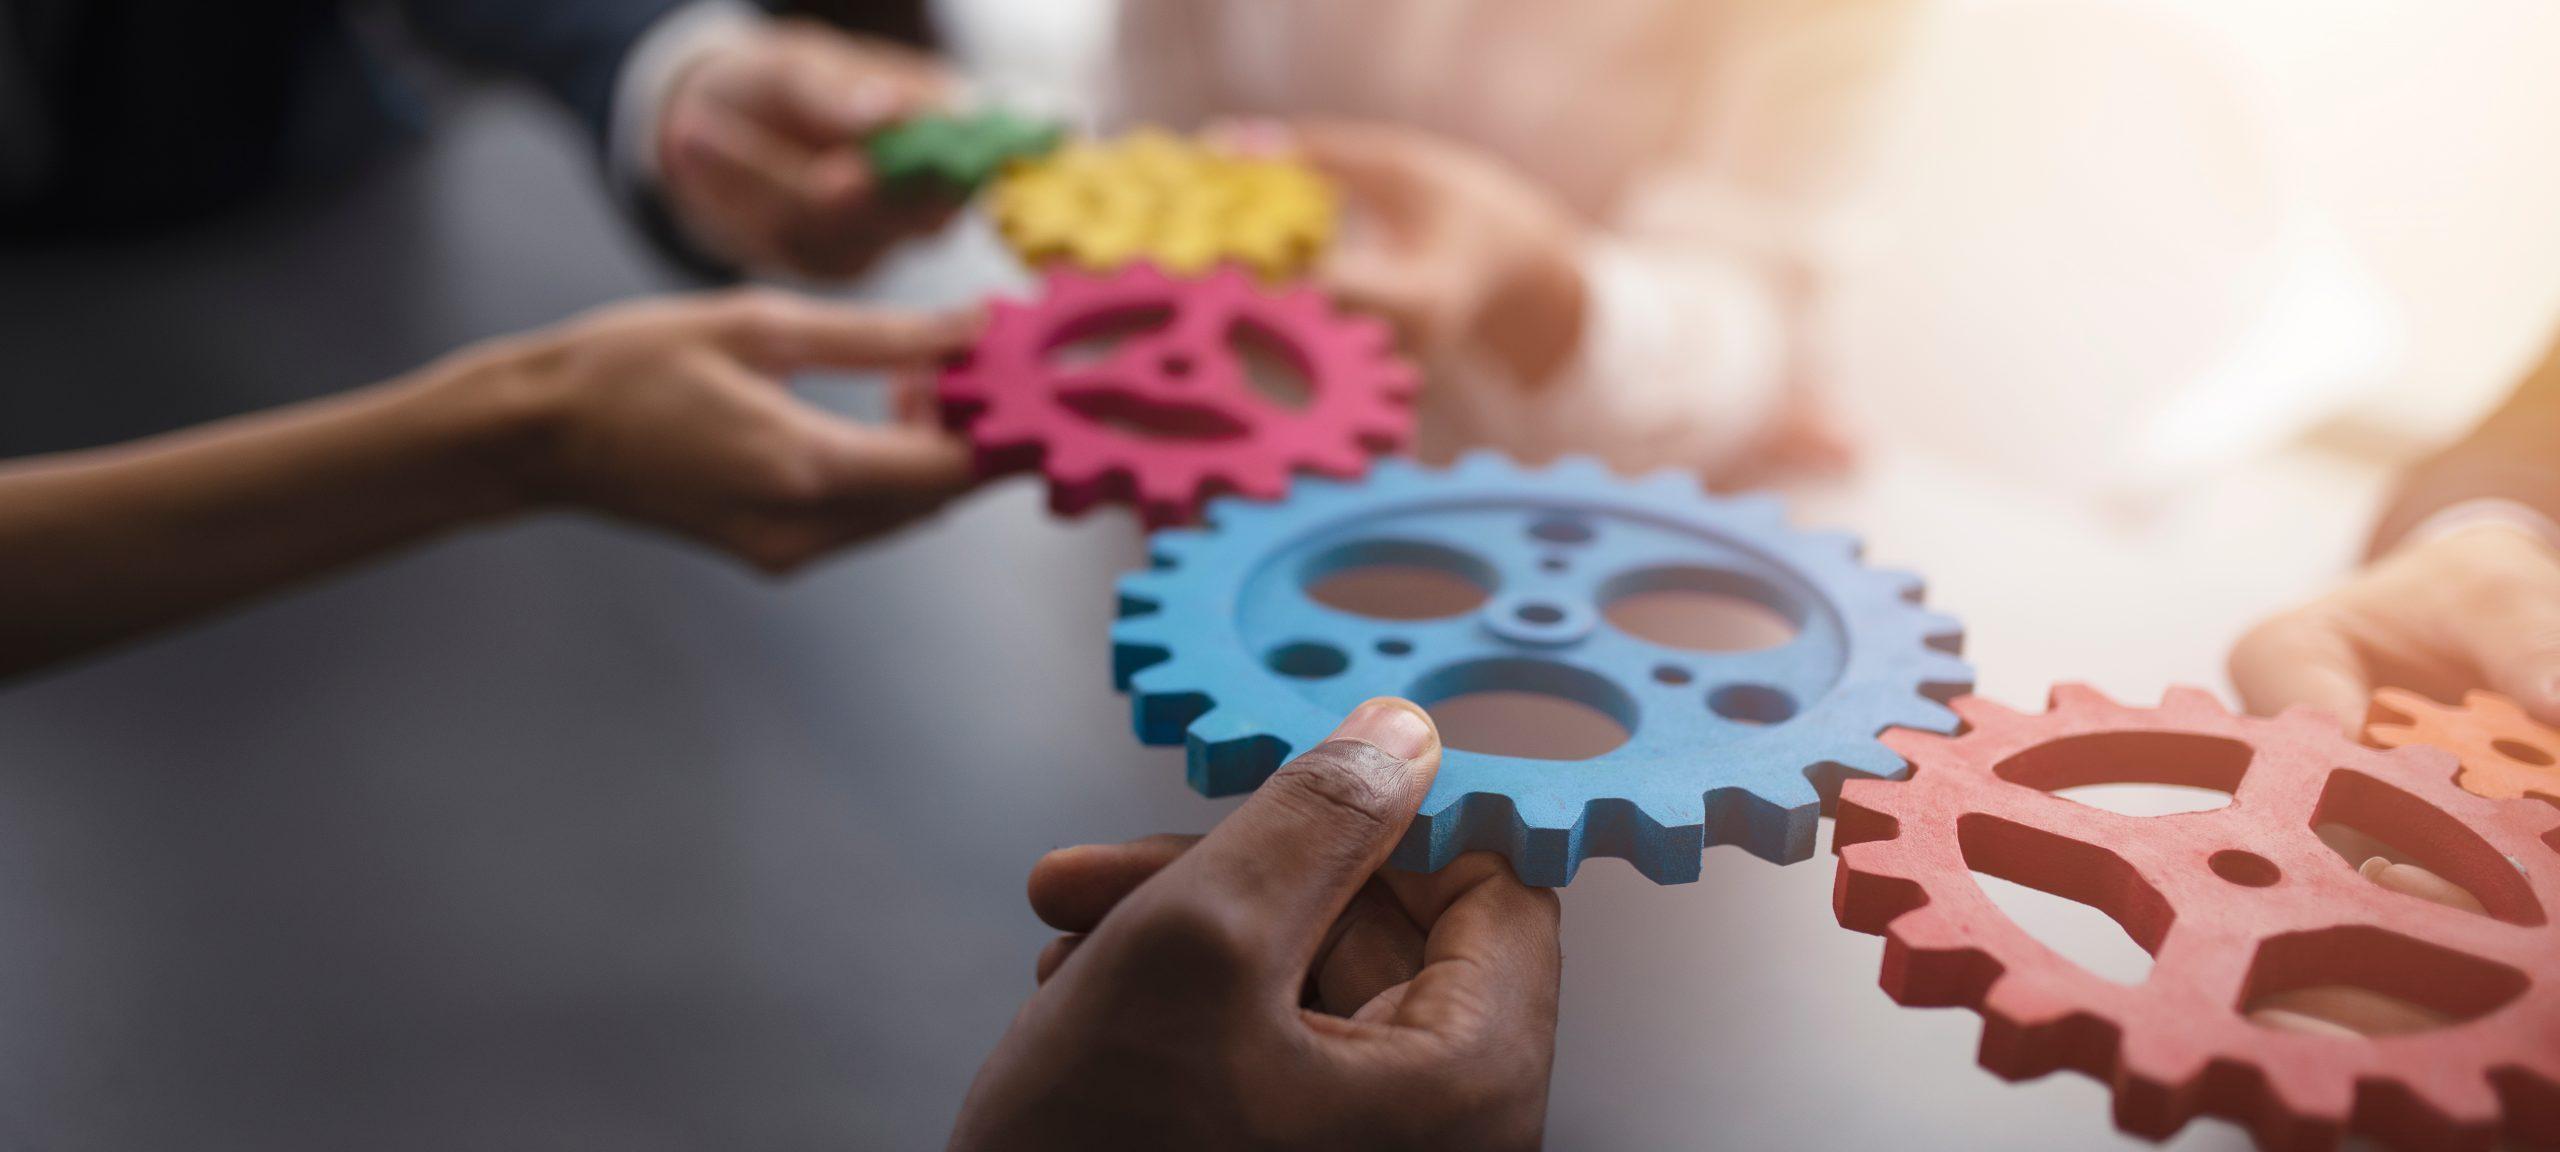 Responsabilidad social empresarial para construir progreso